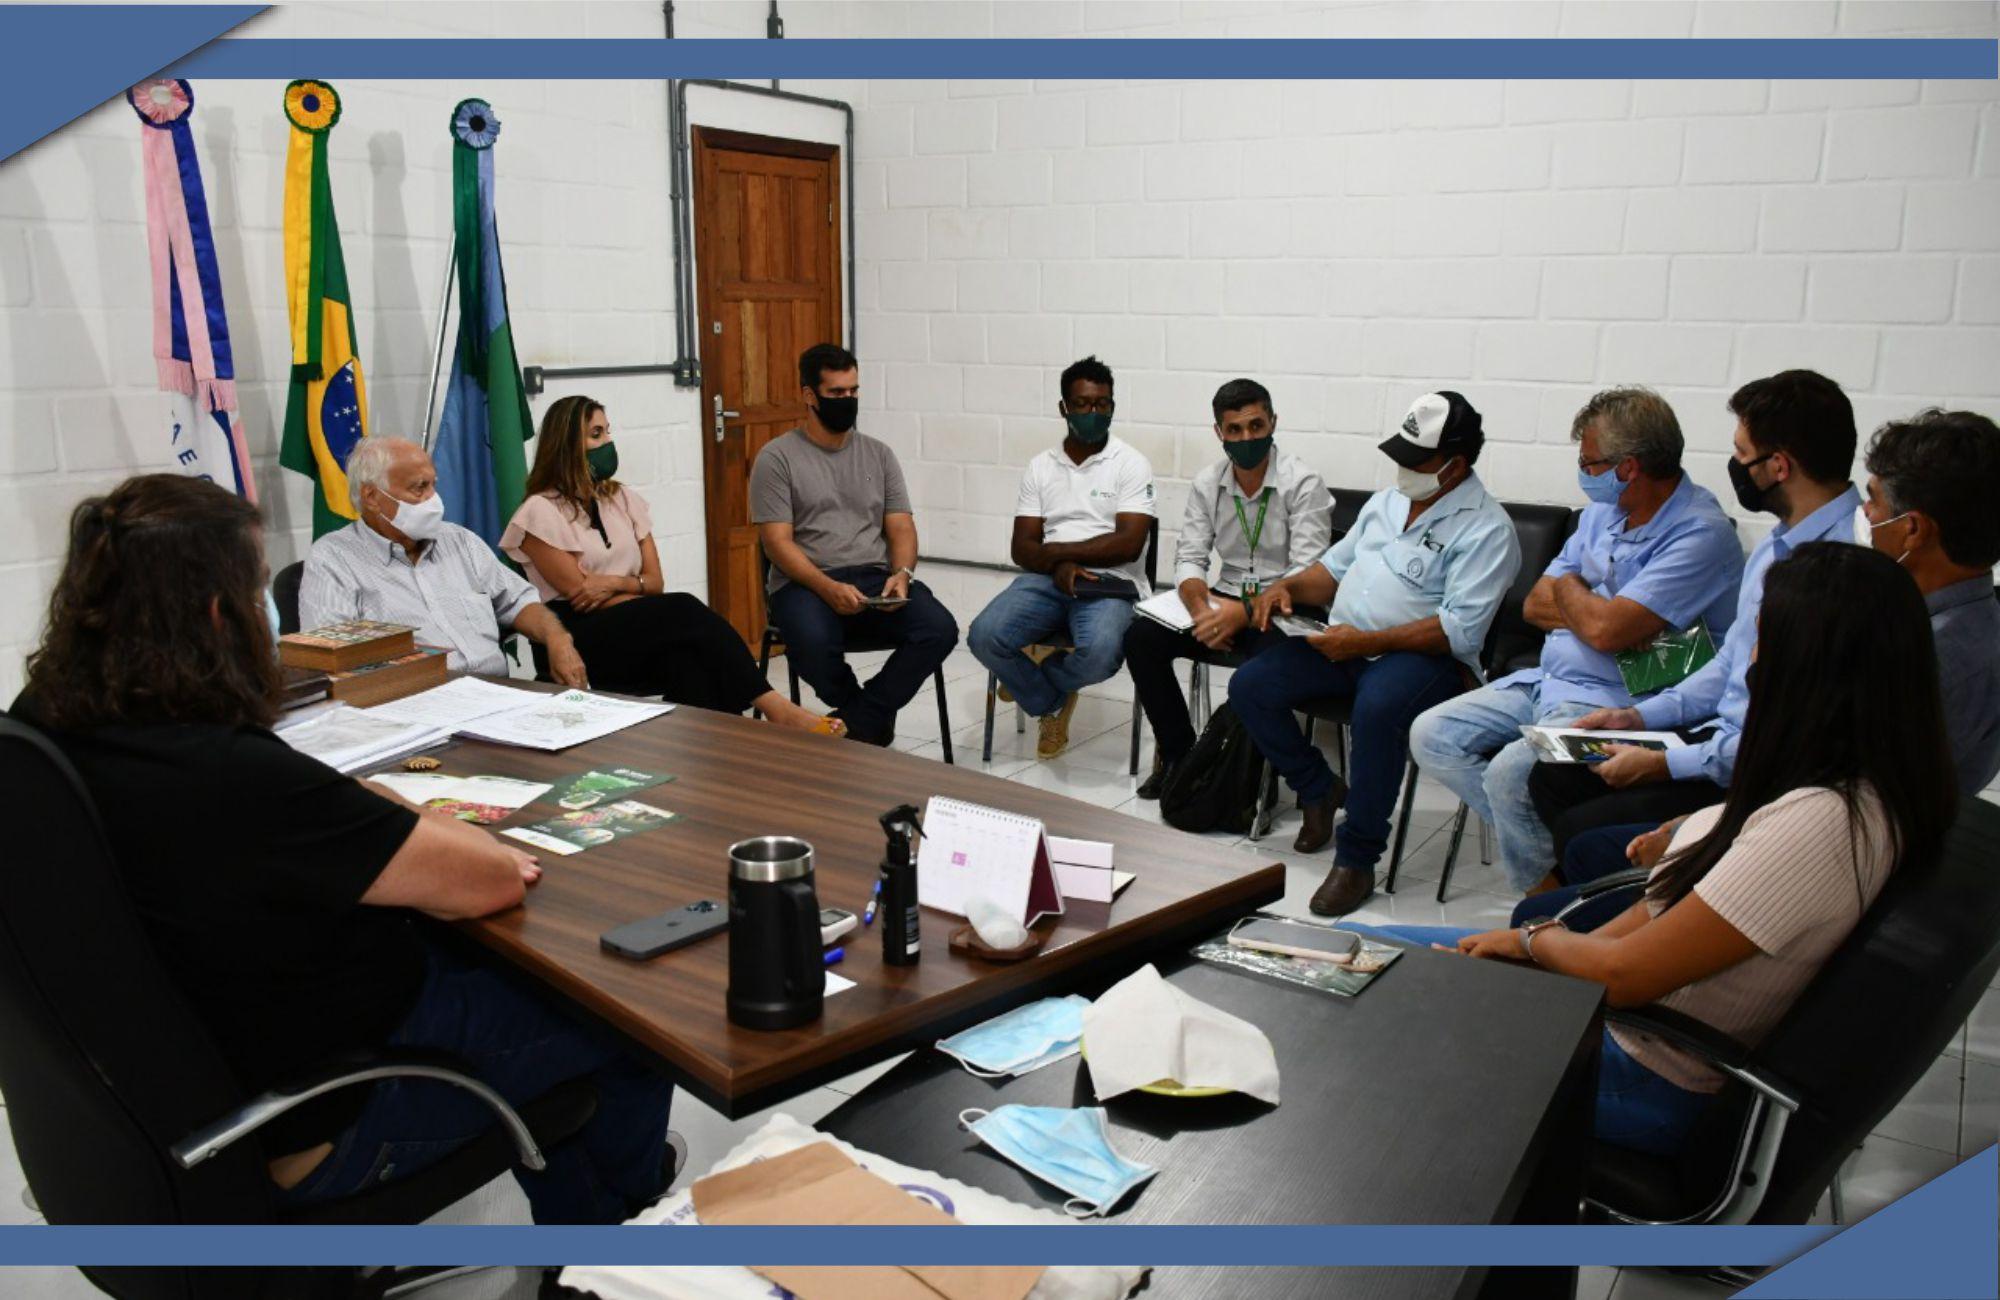 FEDERAÇÃO DA AGRICULTURA REAFIRMA SEU COMPROMISSO DE PARCERIA COM A PREFEITURA DE SÃO MATEUS